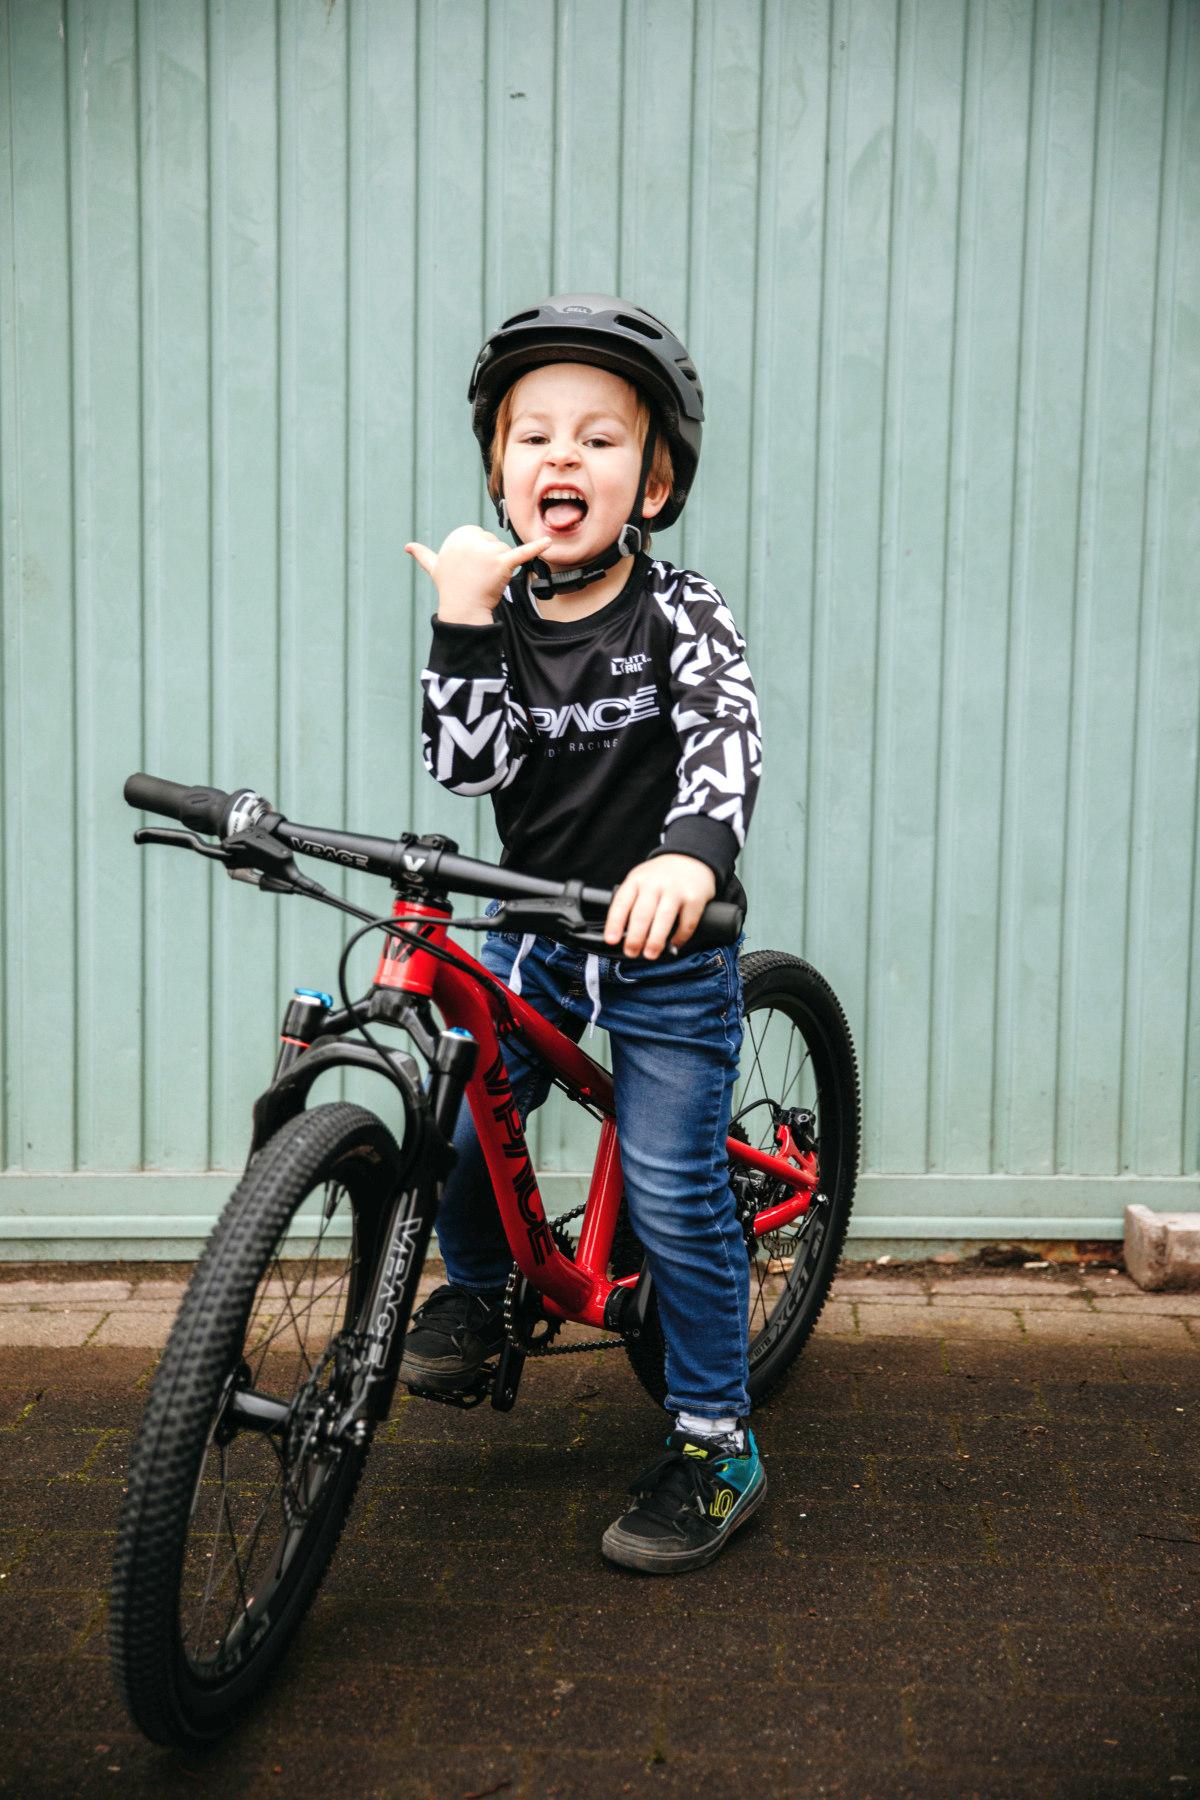 GripShift am Kinder-MTB - intuitive Schaltung für junge Einsteiger